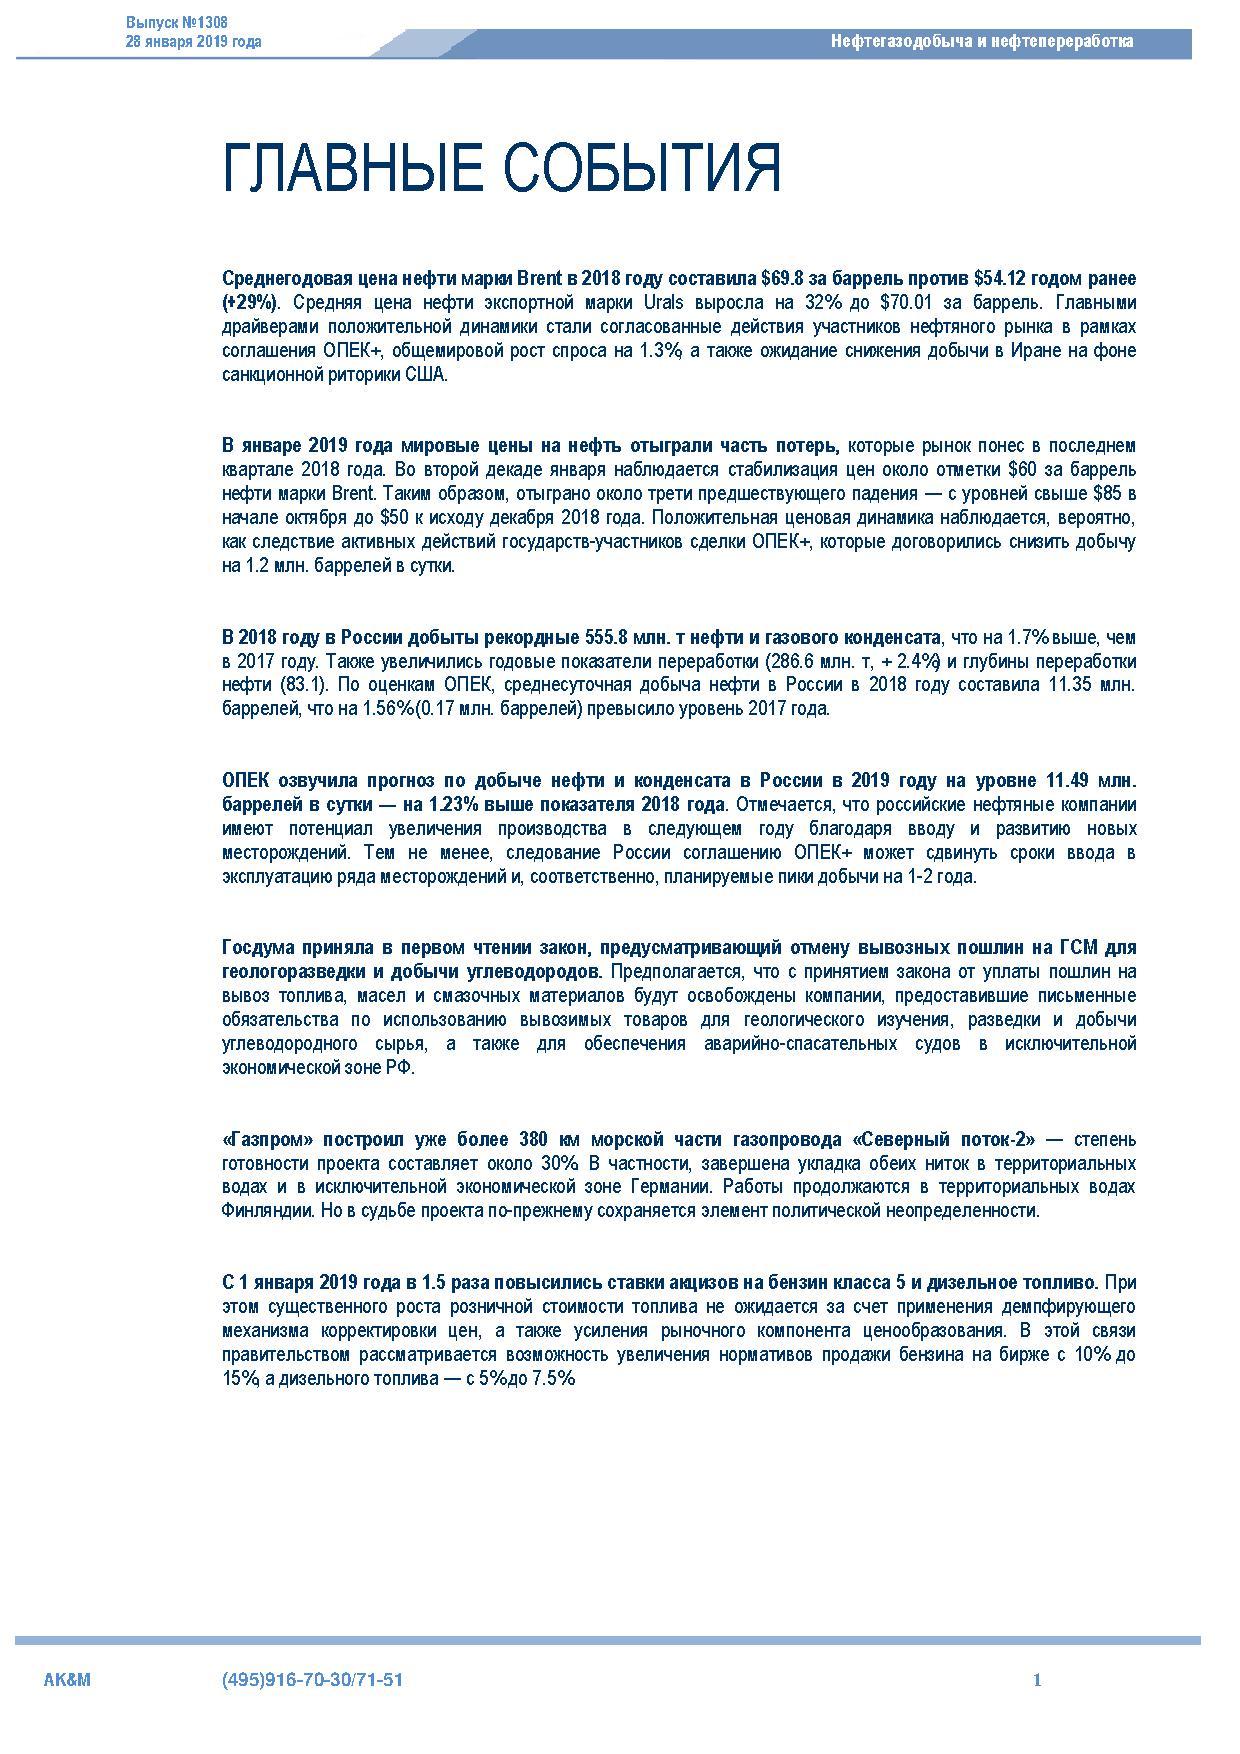 №1308 Нефтегазодобыча и нефтепереработка